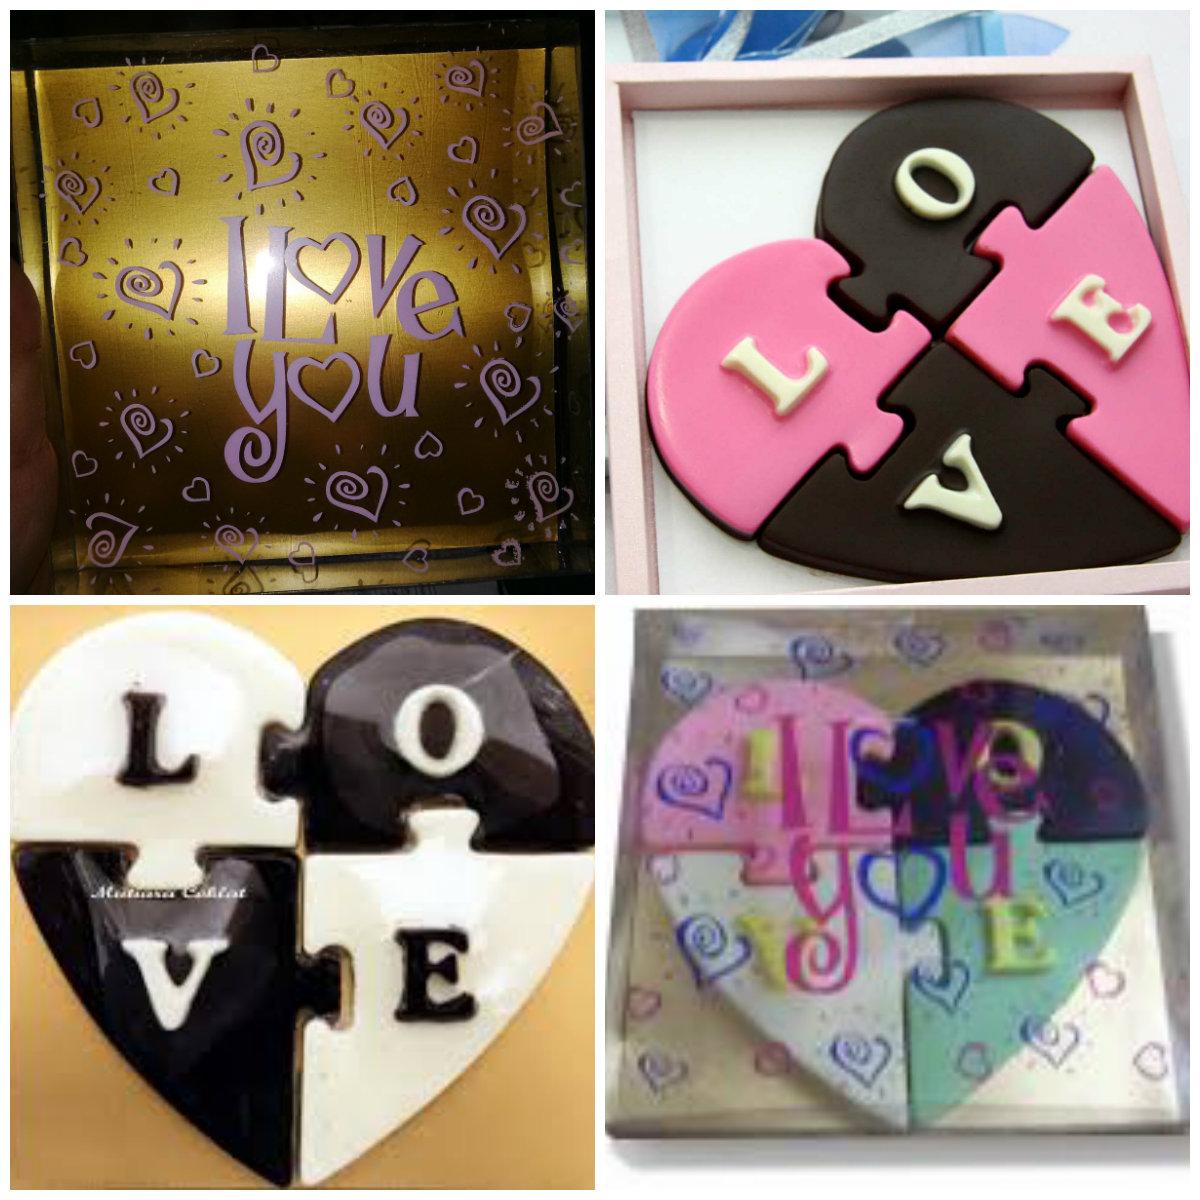 coklat valentine puzzle / hadiah ultah / hadiah anniv - Blanja.com